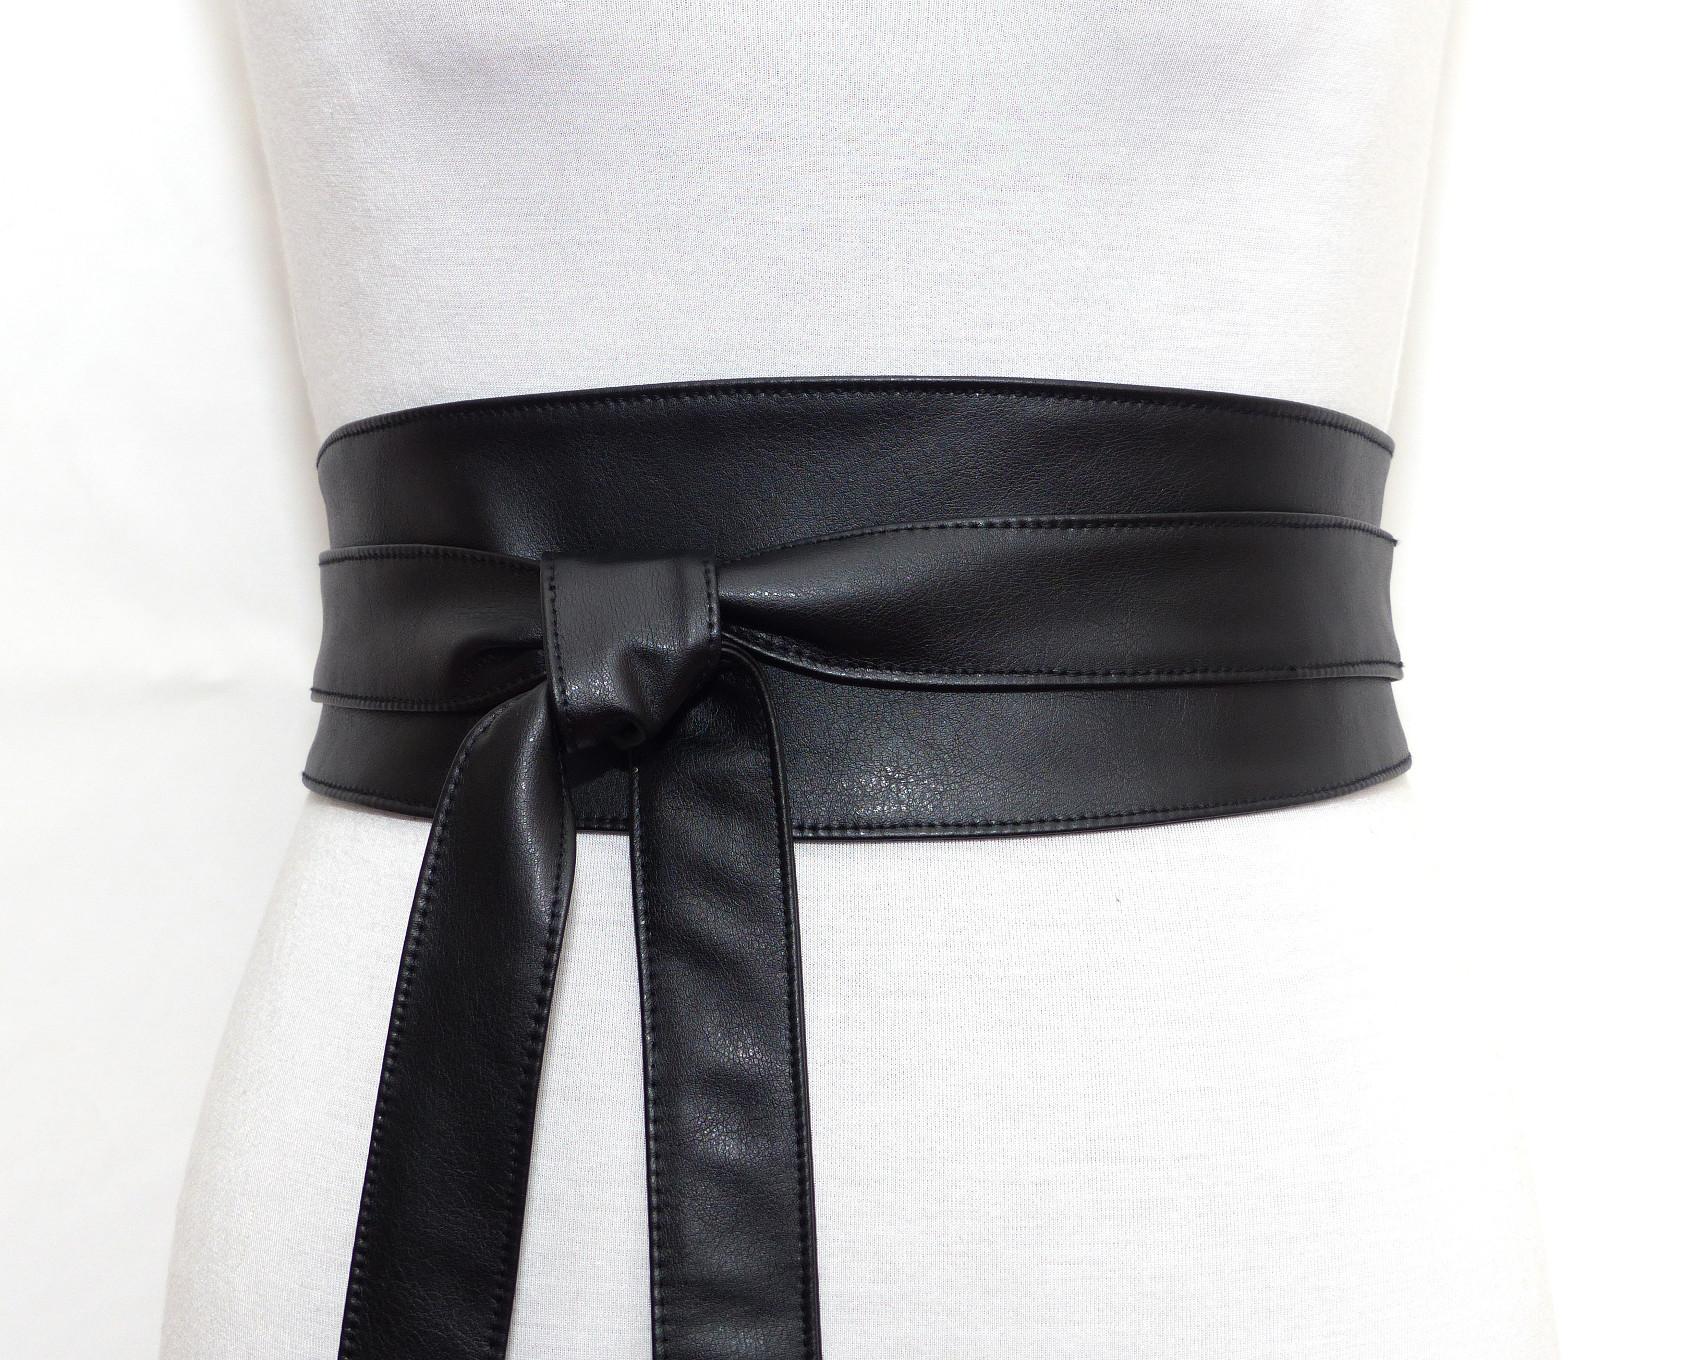 Ceinture obi noire large à nouer, en simili cuir 9de80826850